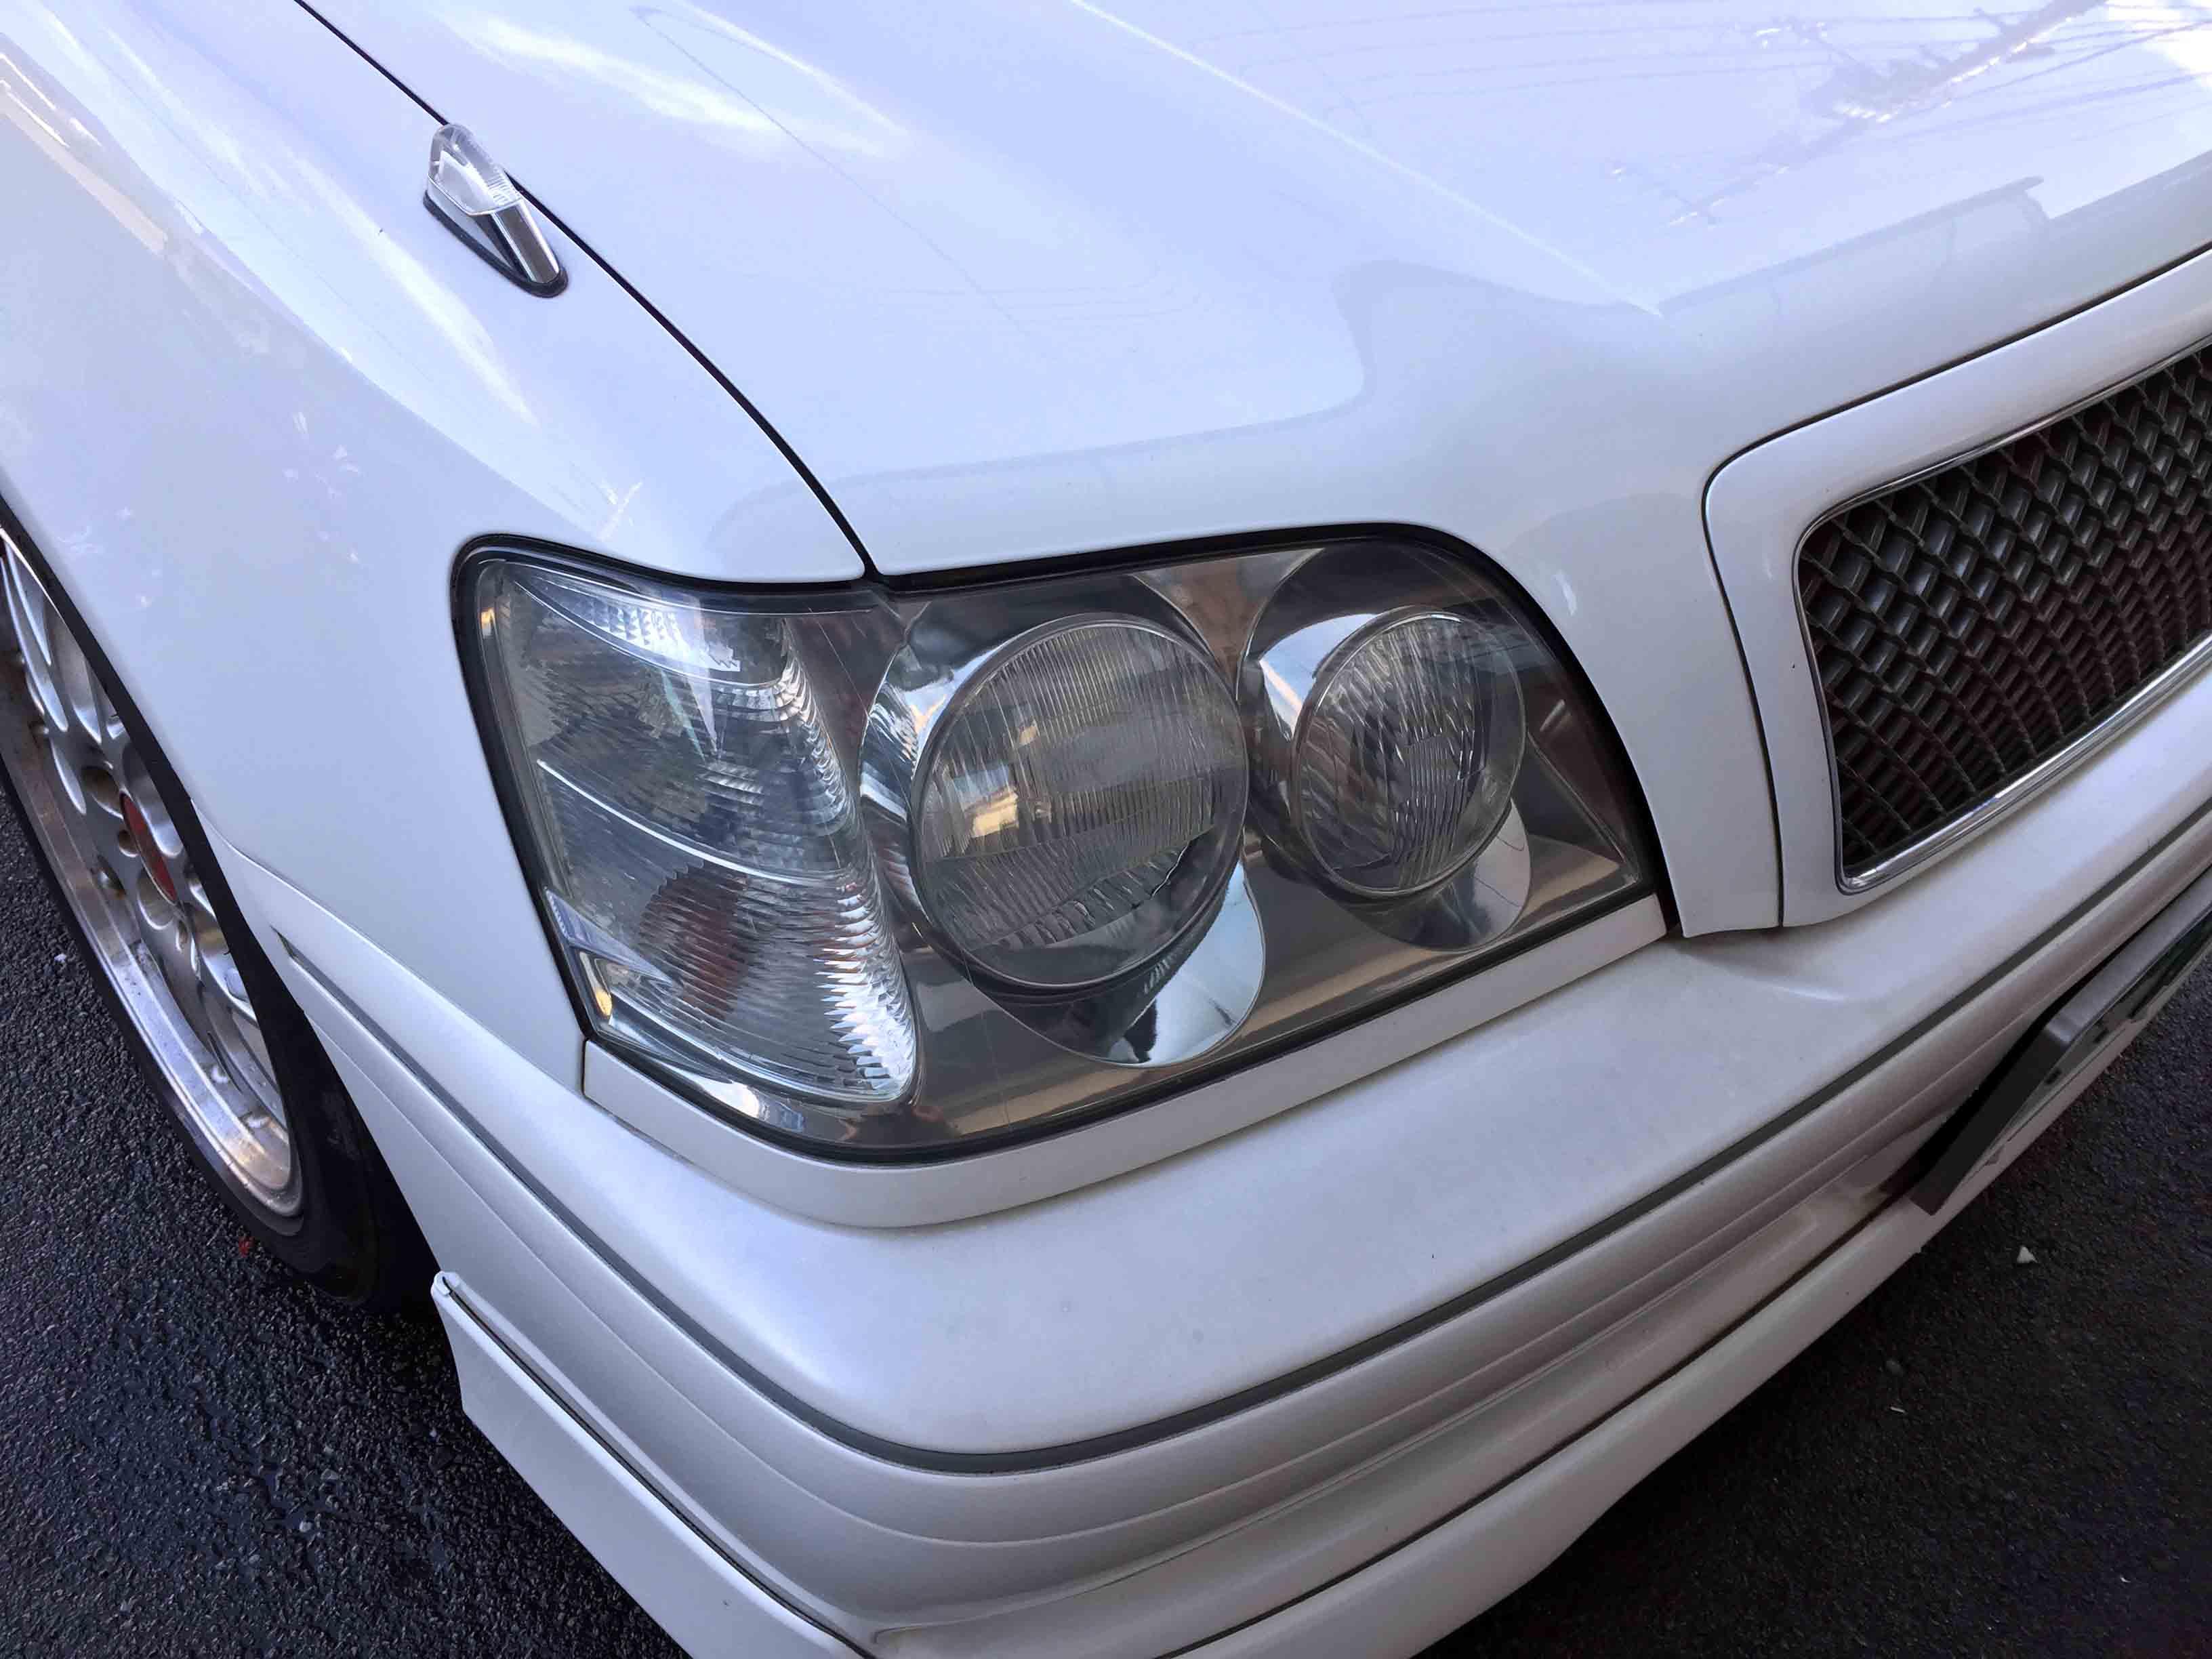 トヨタ17系クラウンのヘッドライトリフレッシュ後